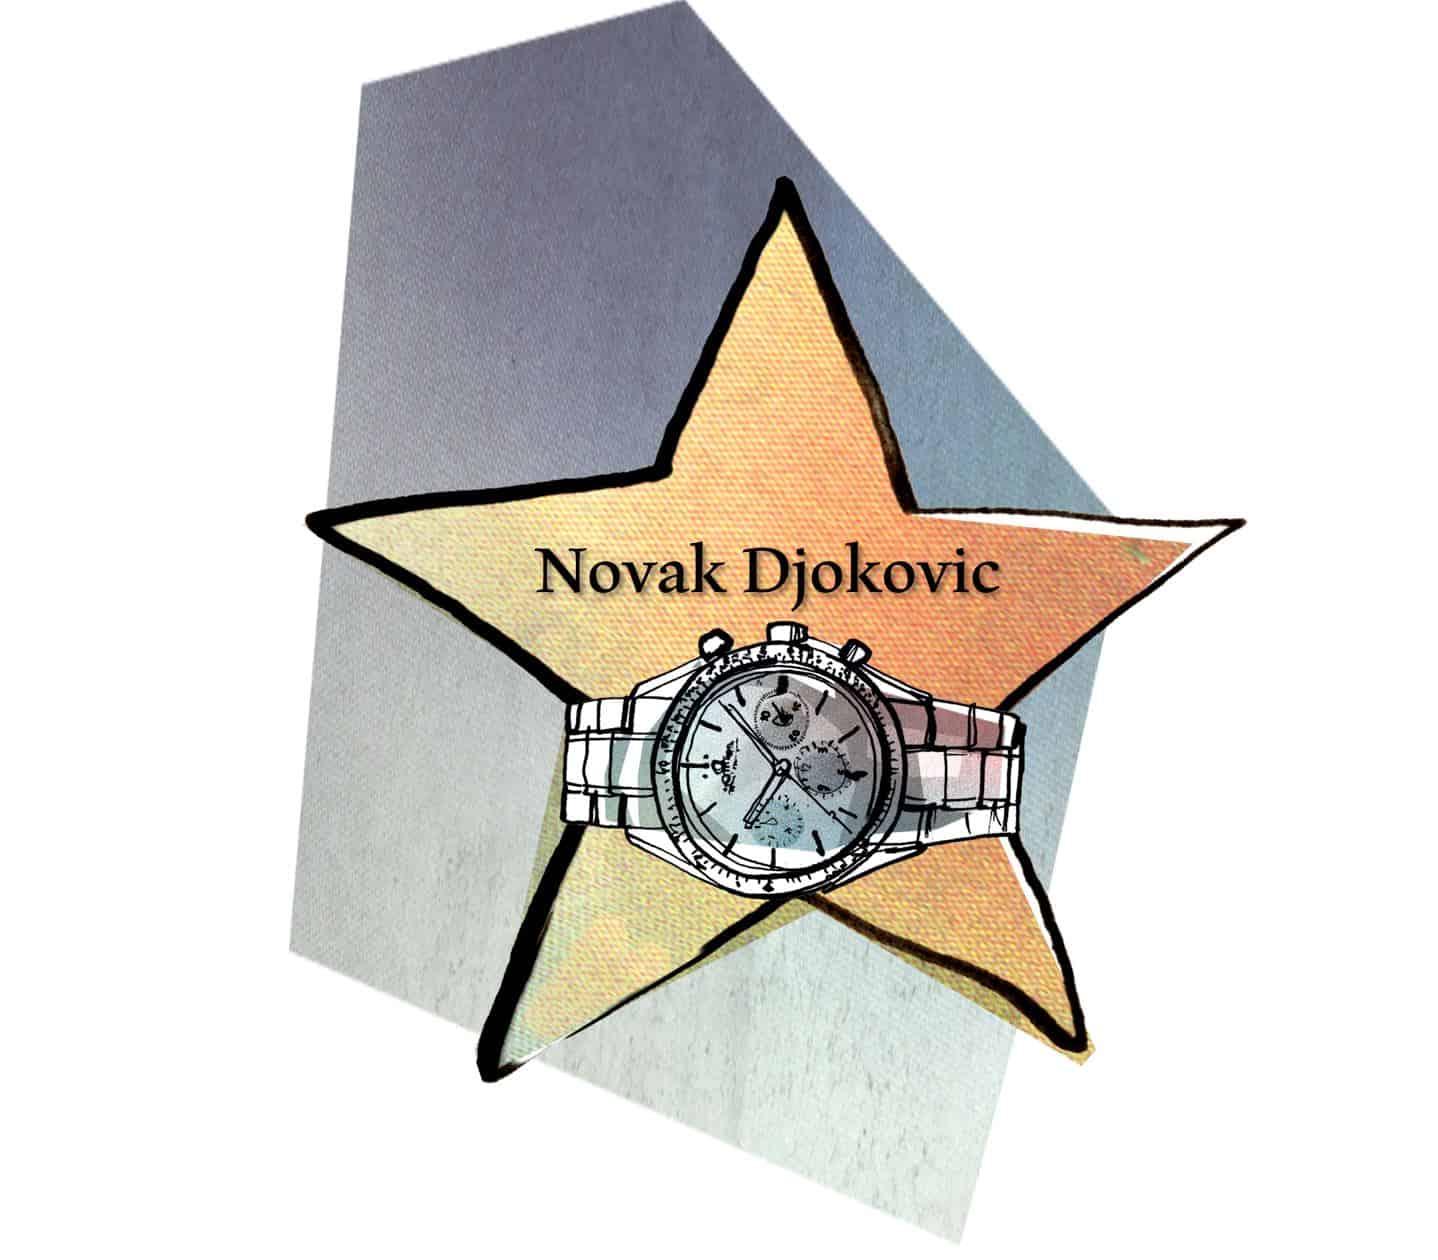 Watch of Fame: Seiko Astron und Novak DjokovicAlles eine Frage des richtigen Moments: Seiko Astron und Novak Djokovic